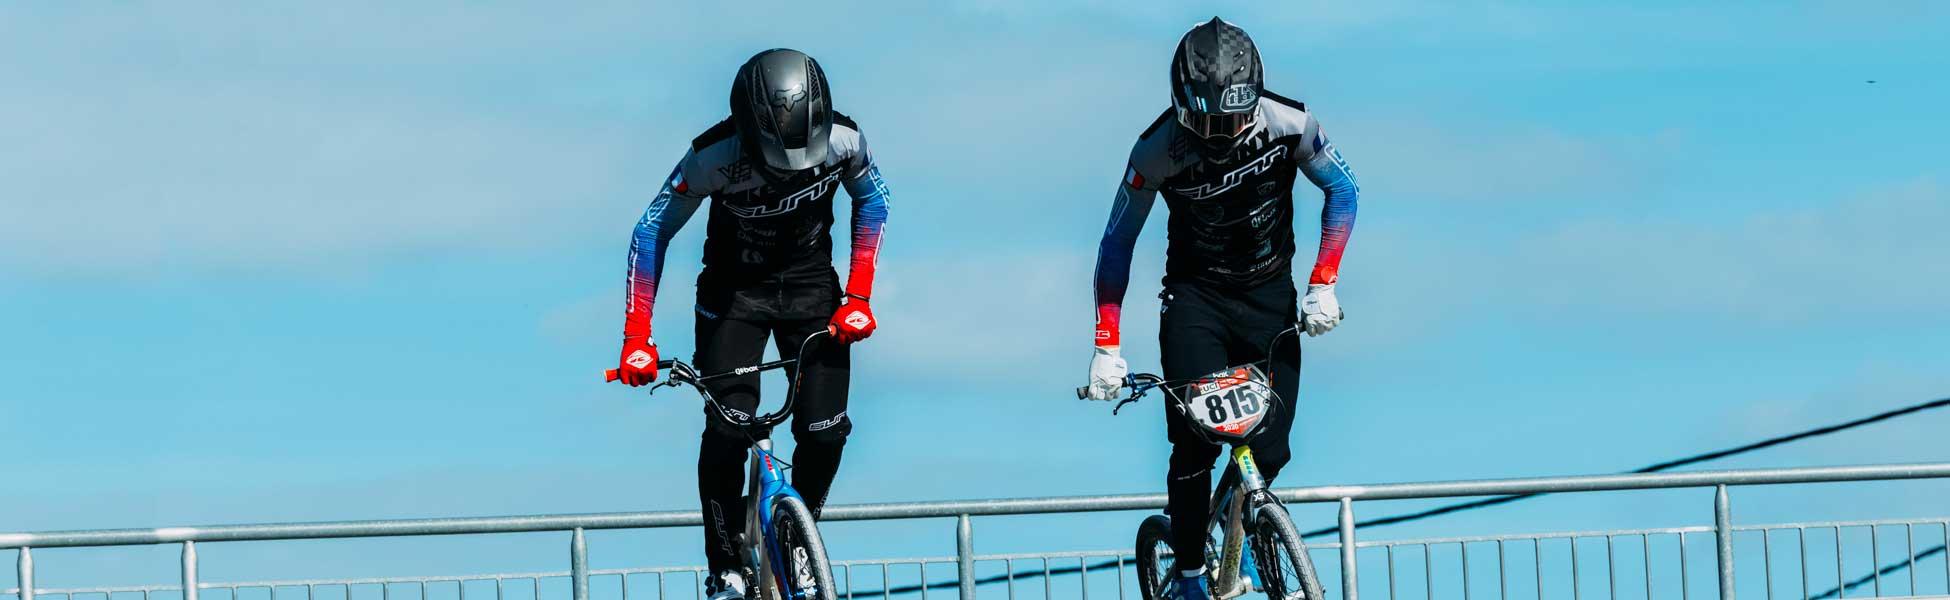 BMX Sunn